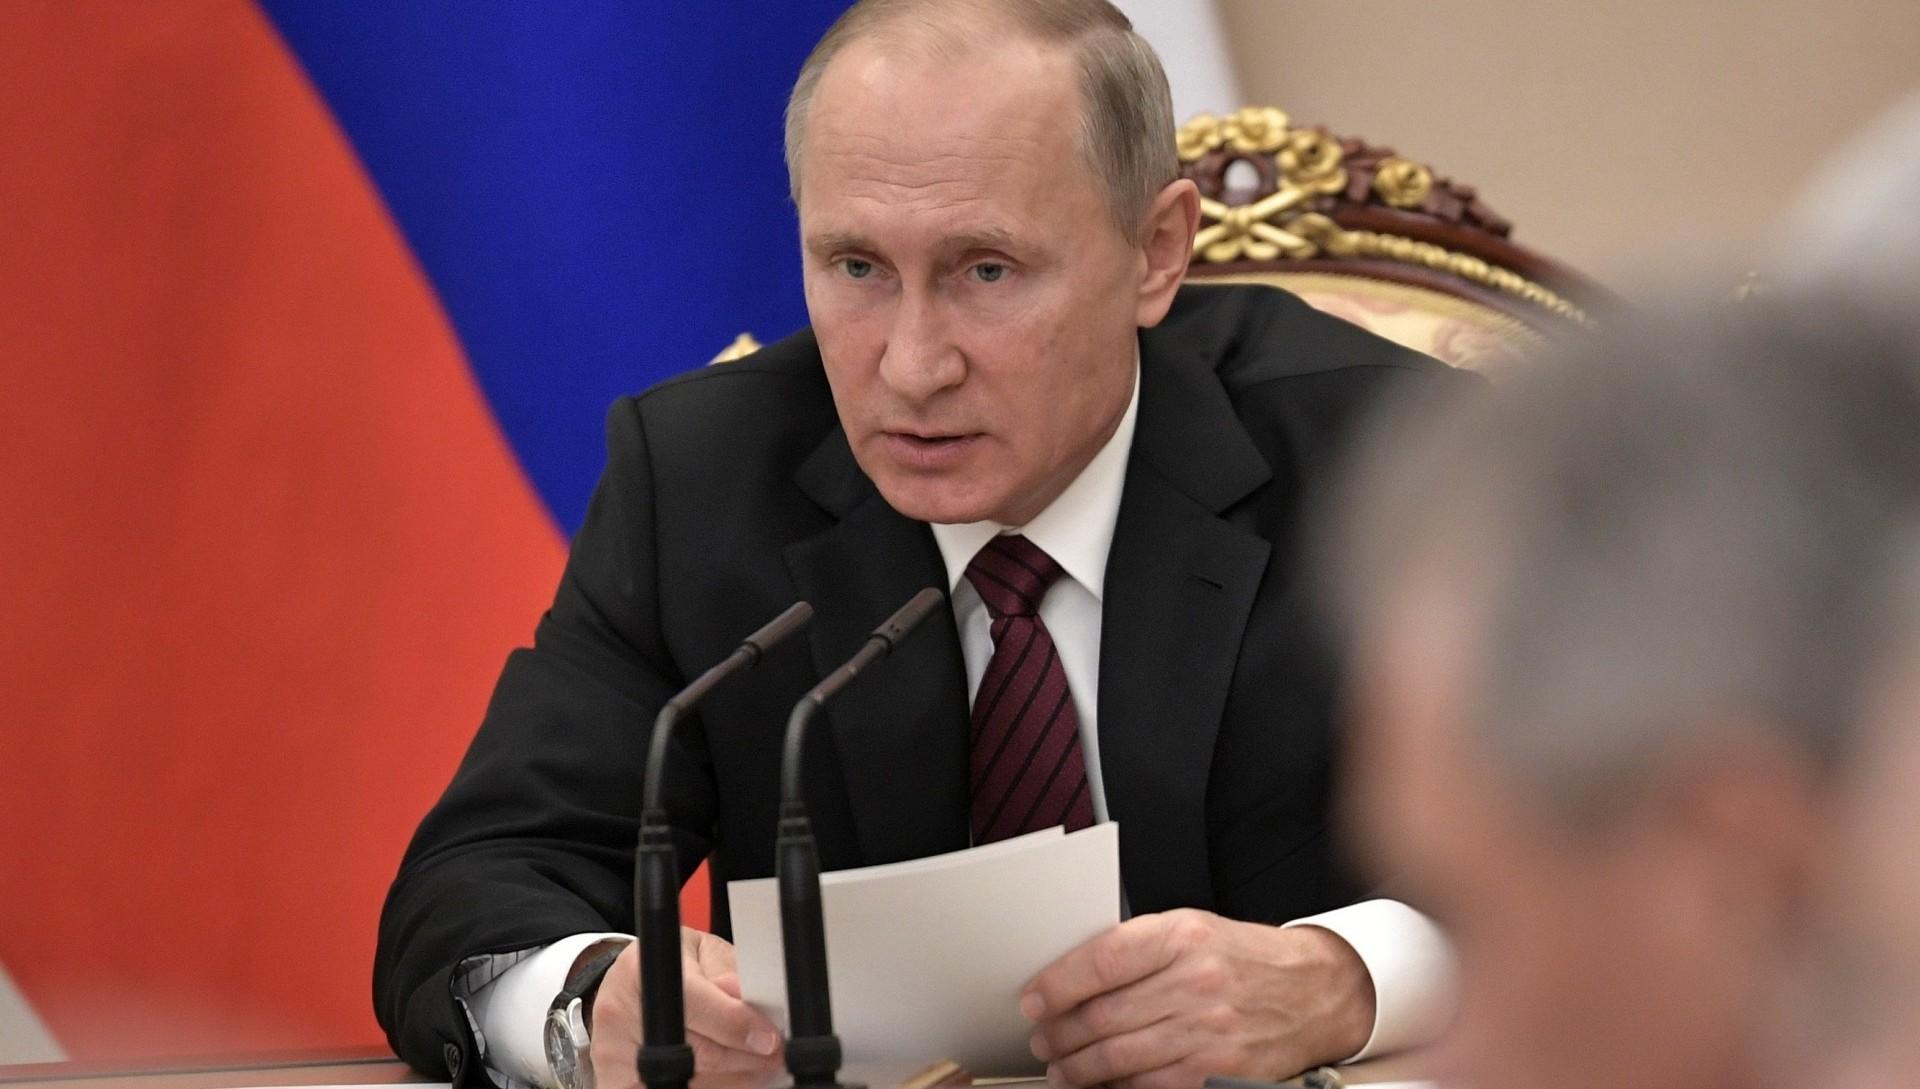 Rusia, junto a China, inició la difusión de propaganda en las redes por medio de bots políticos(REUTERS)